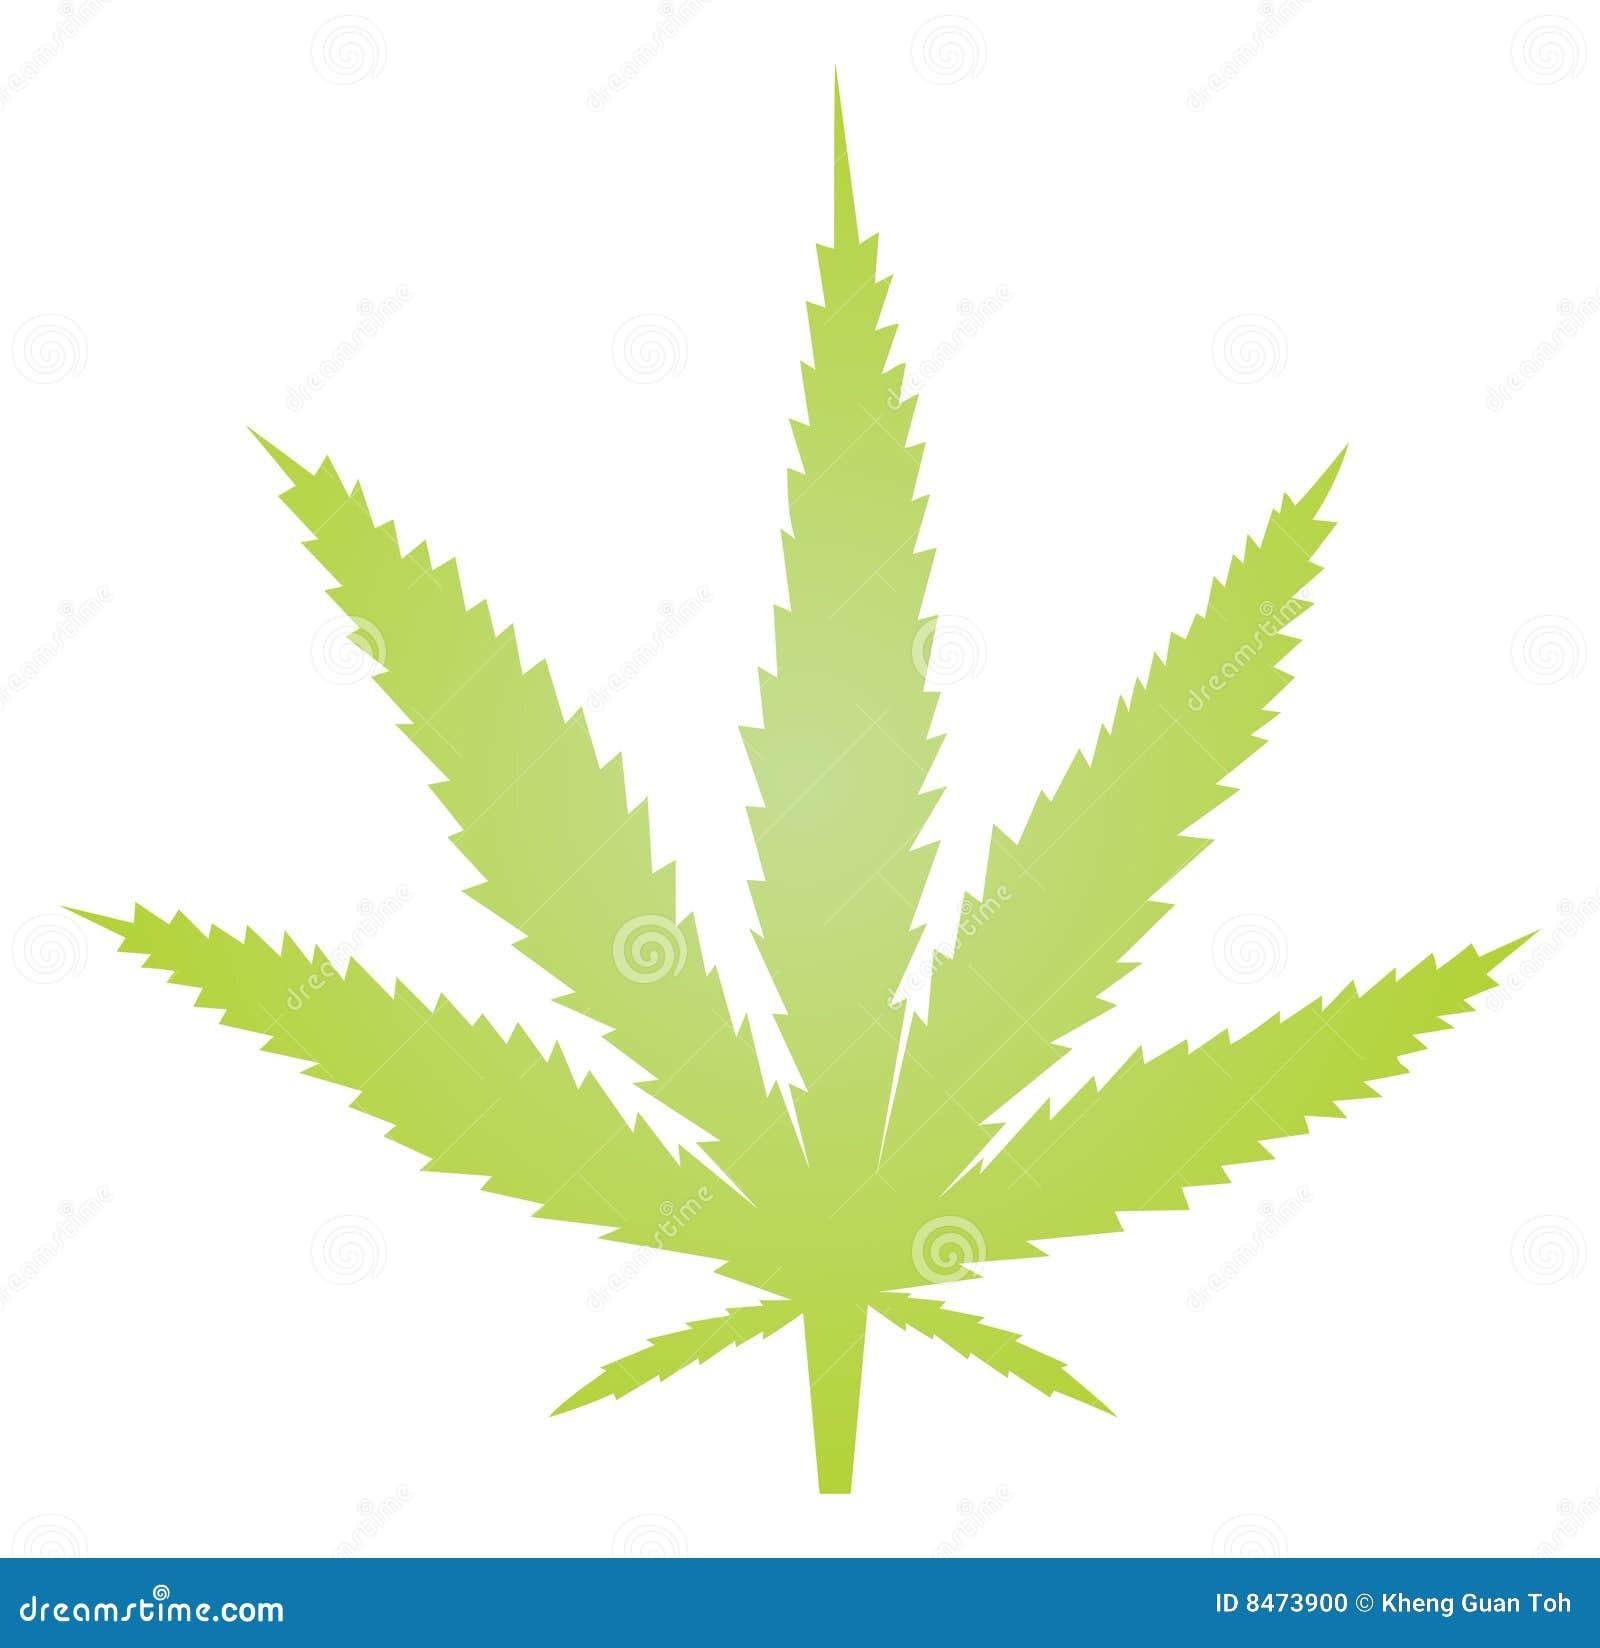 Illustrationleafmarijuana